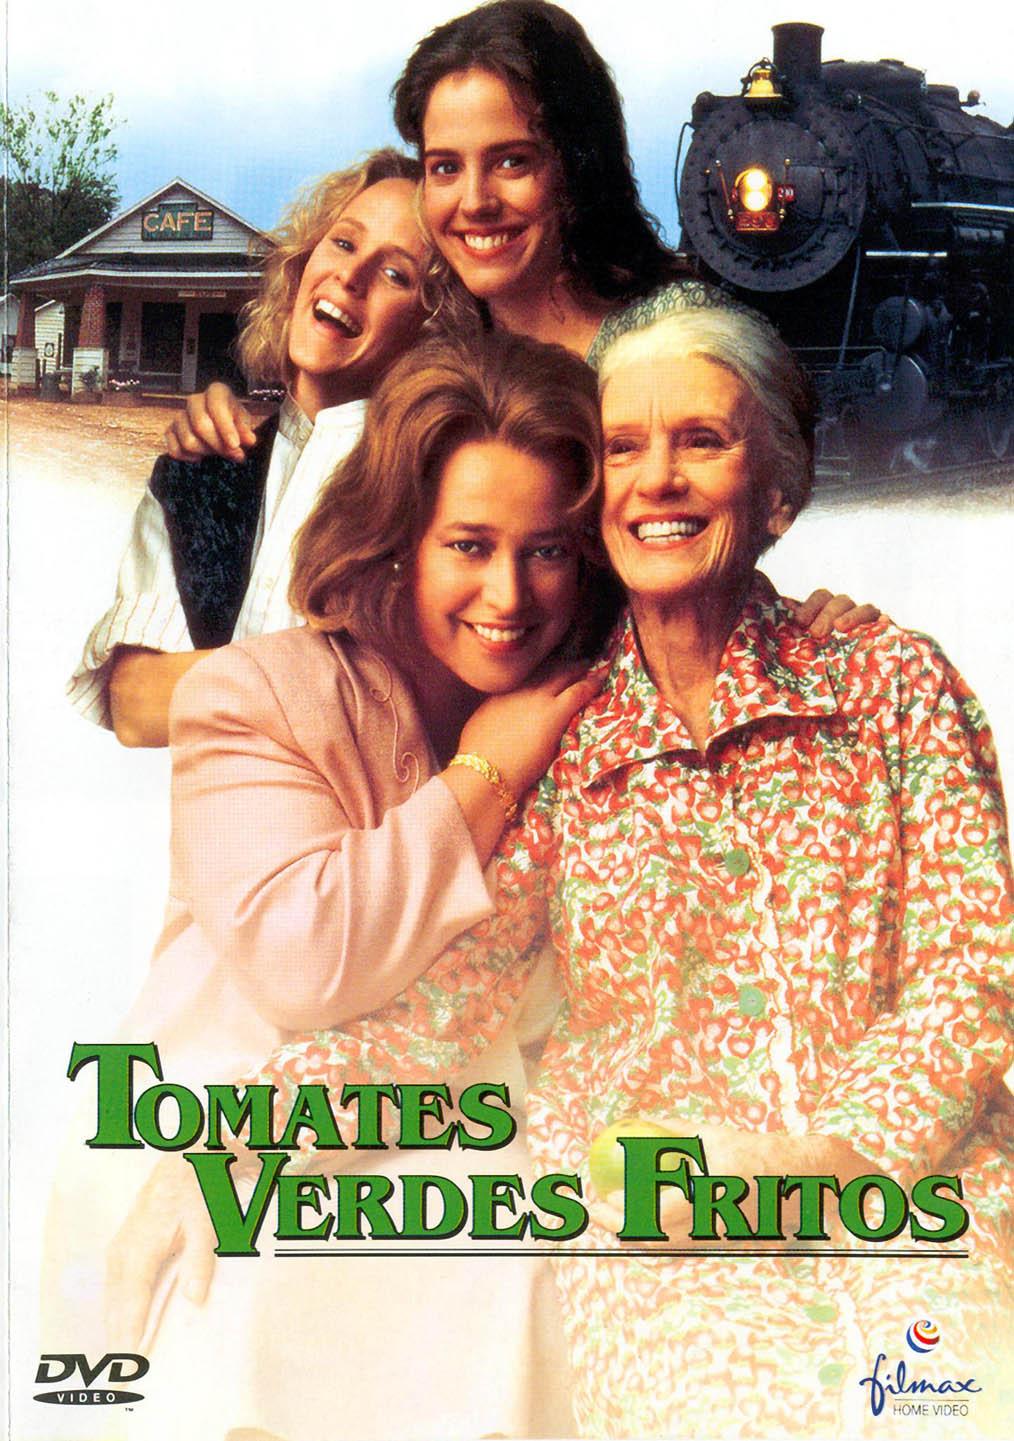 tomatoes verdes fritos descargar musica